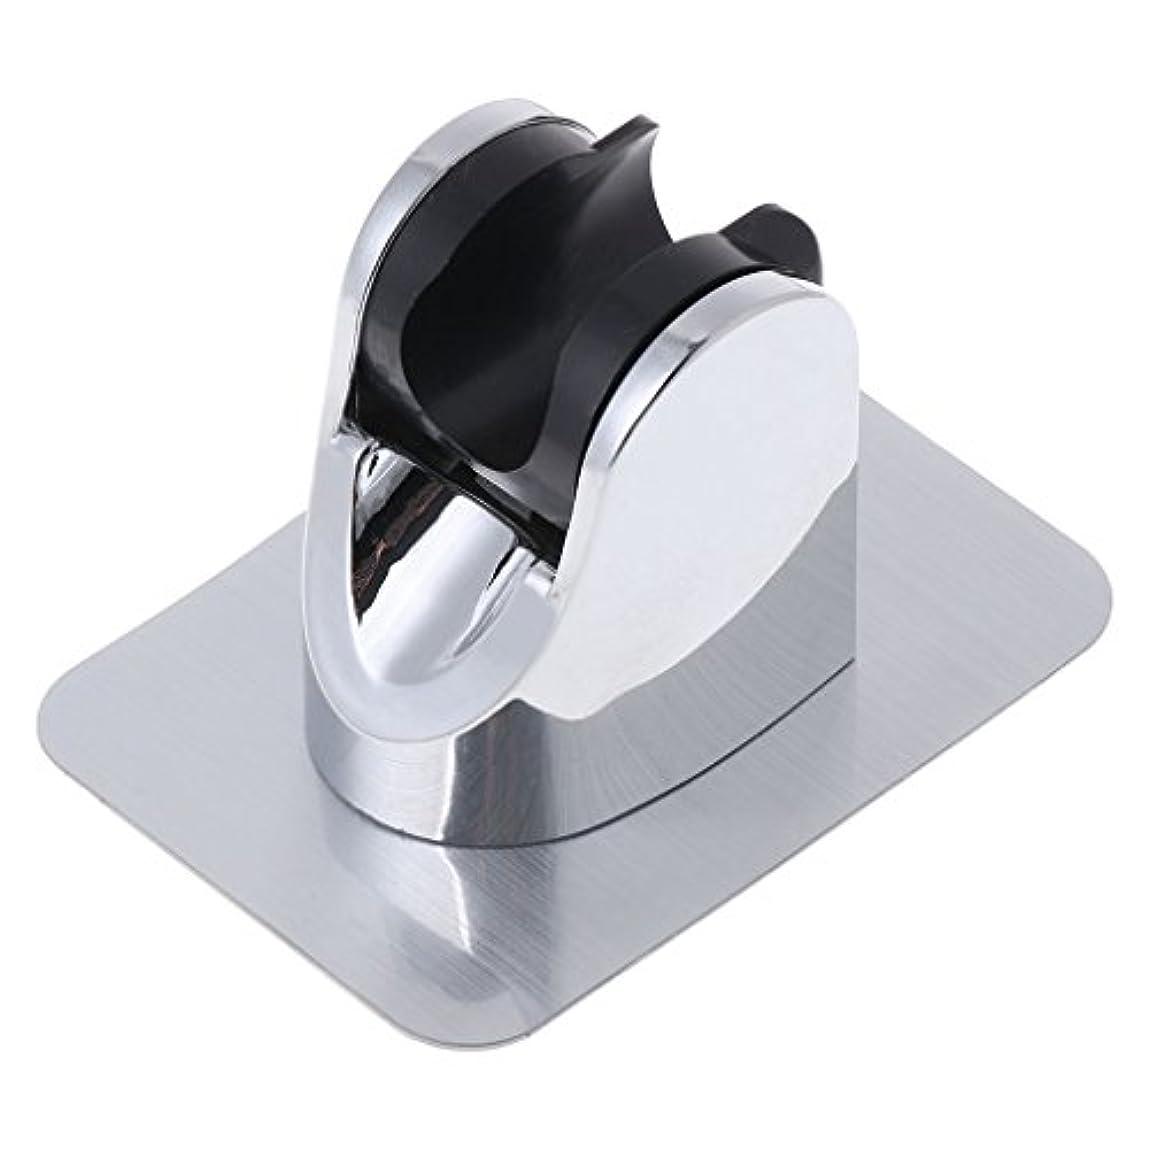 小石パパ損なうLamdooヘッドホルダー調節可能ドリルブラケットマウントシャワーハンドなしステッカー